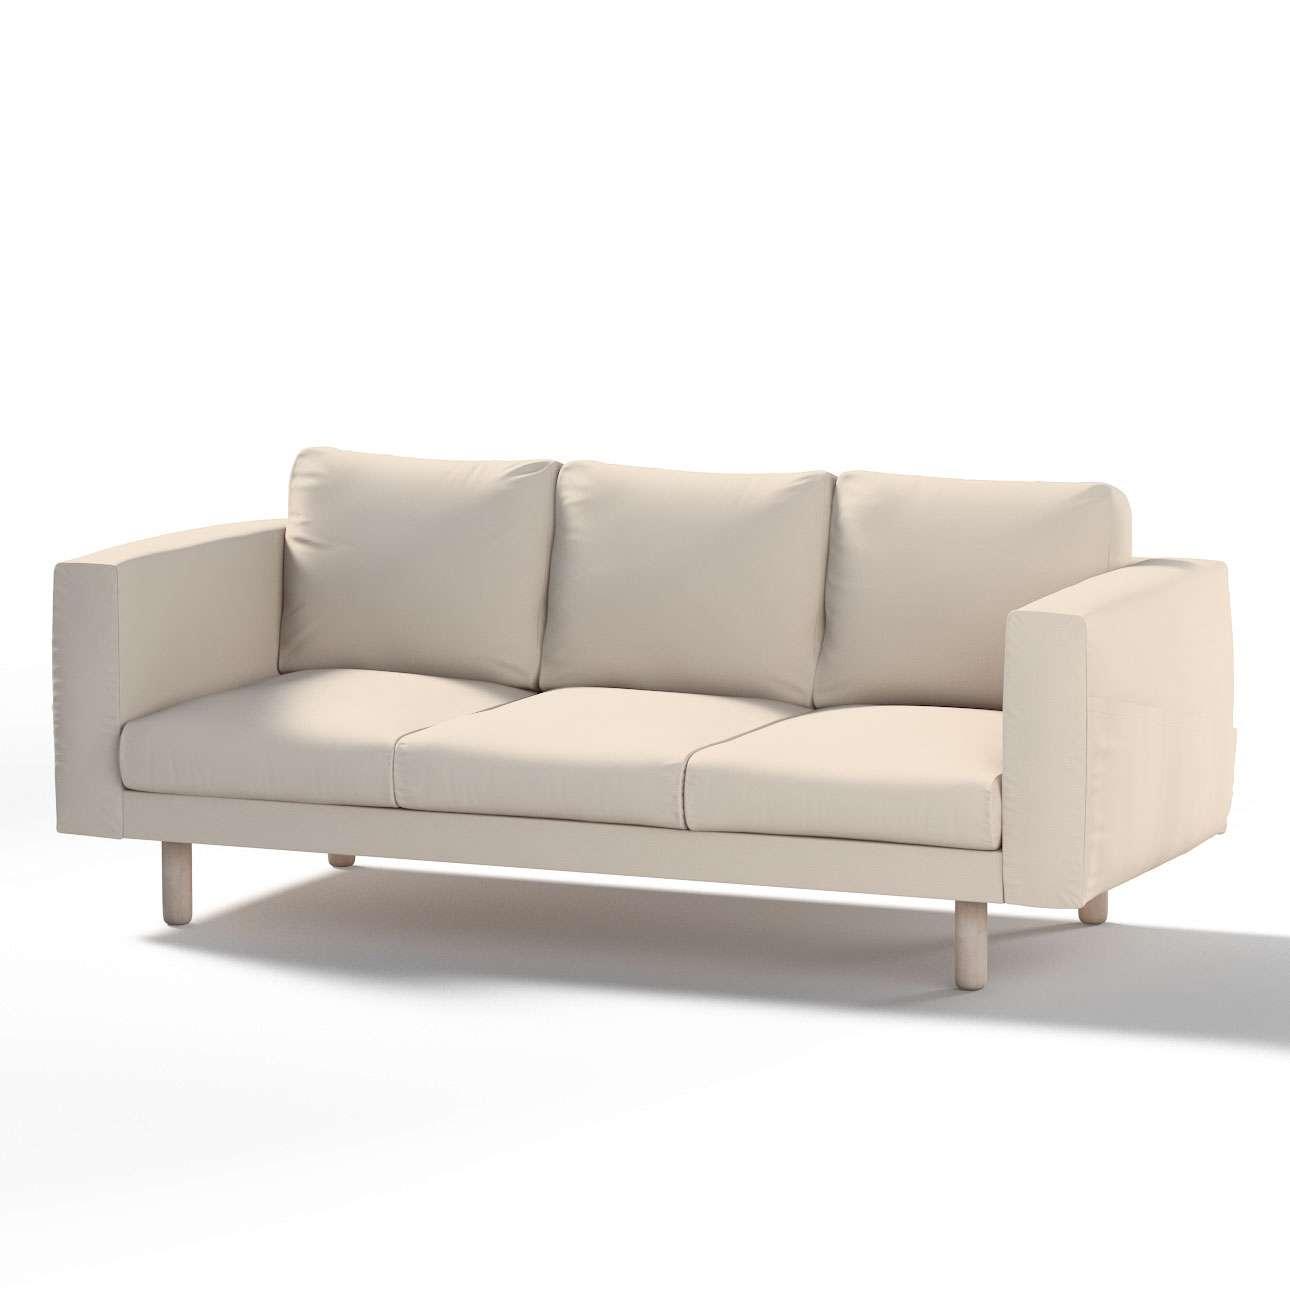 Norsborg trivietės sofos užvalkalas kolekcijoje Etna, audinys: 705-01